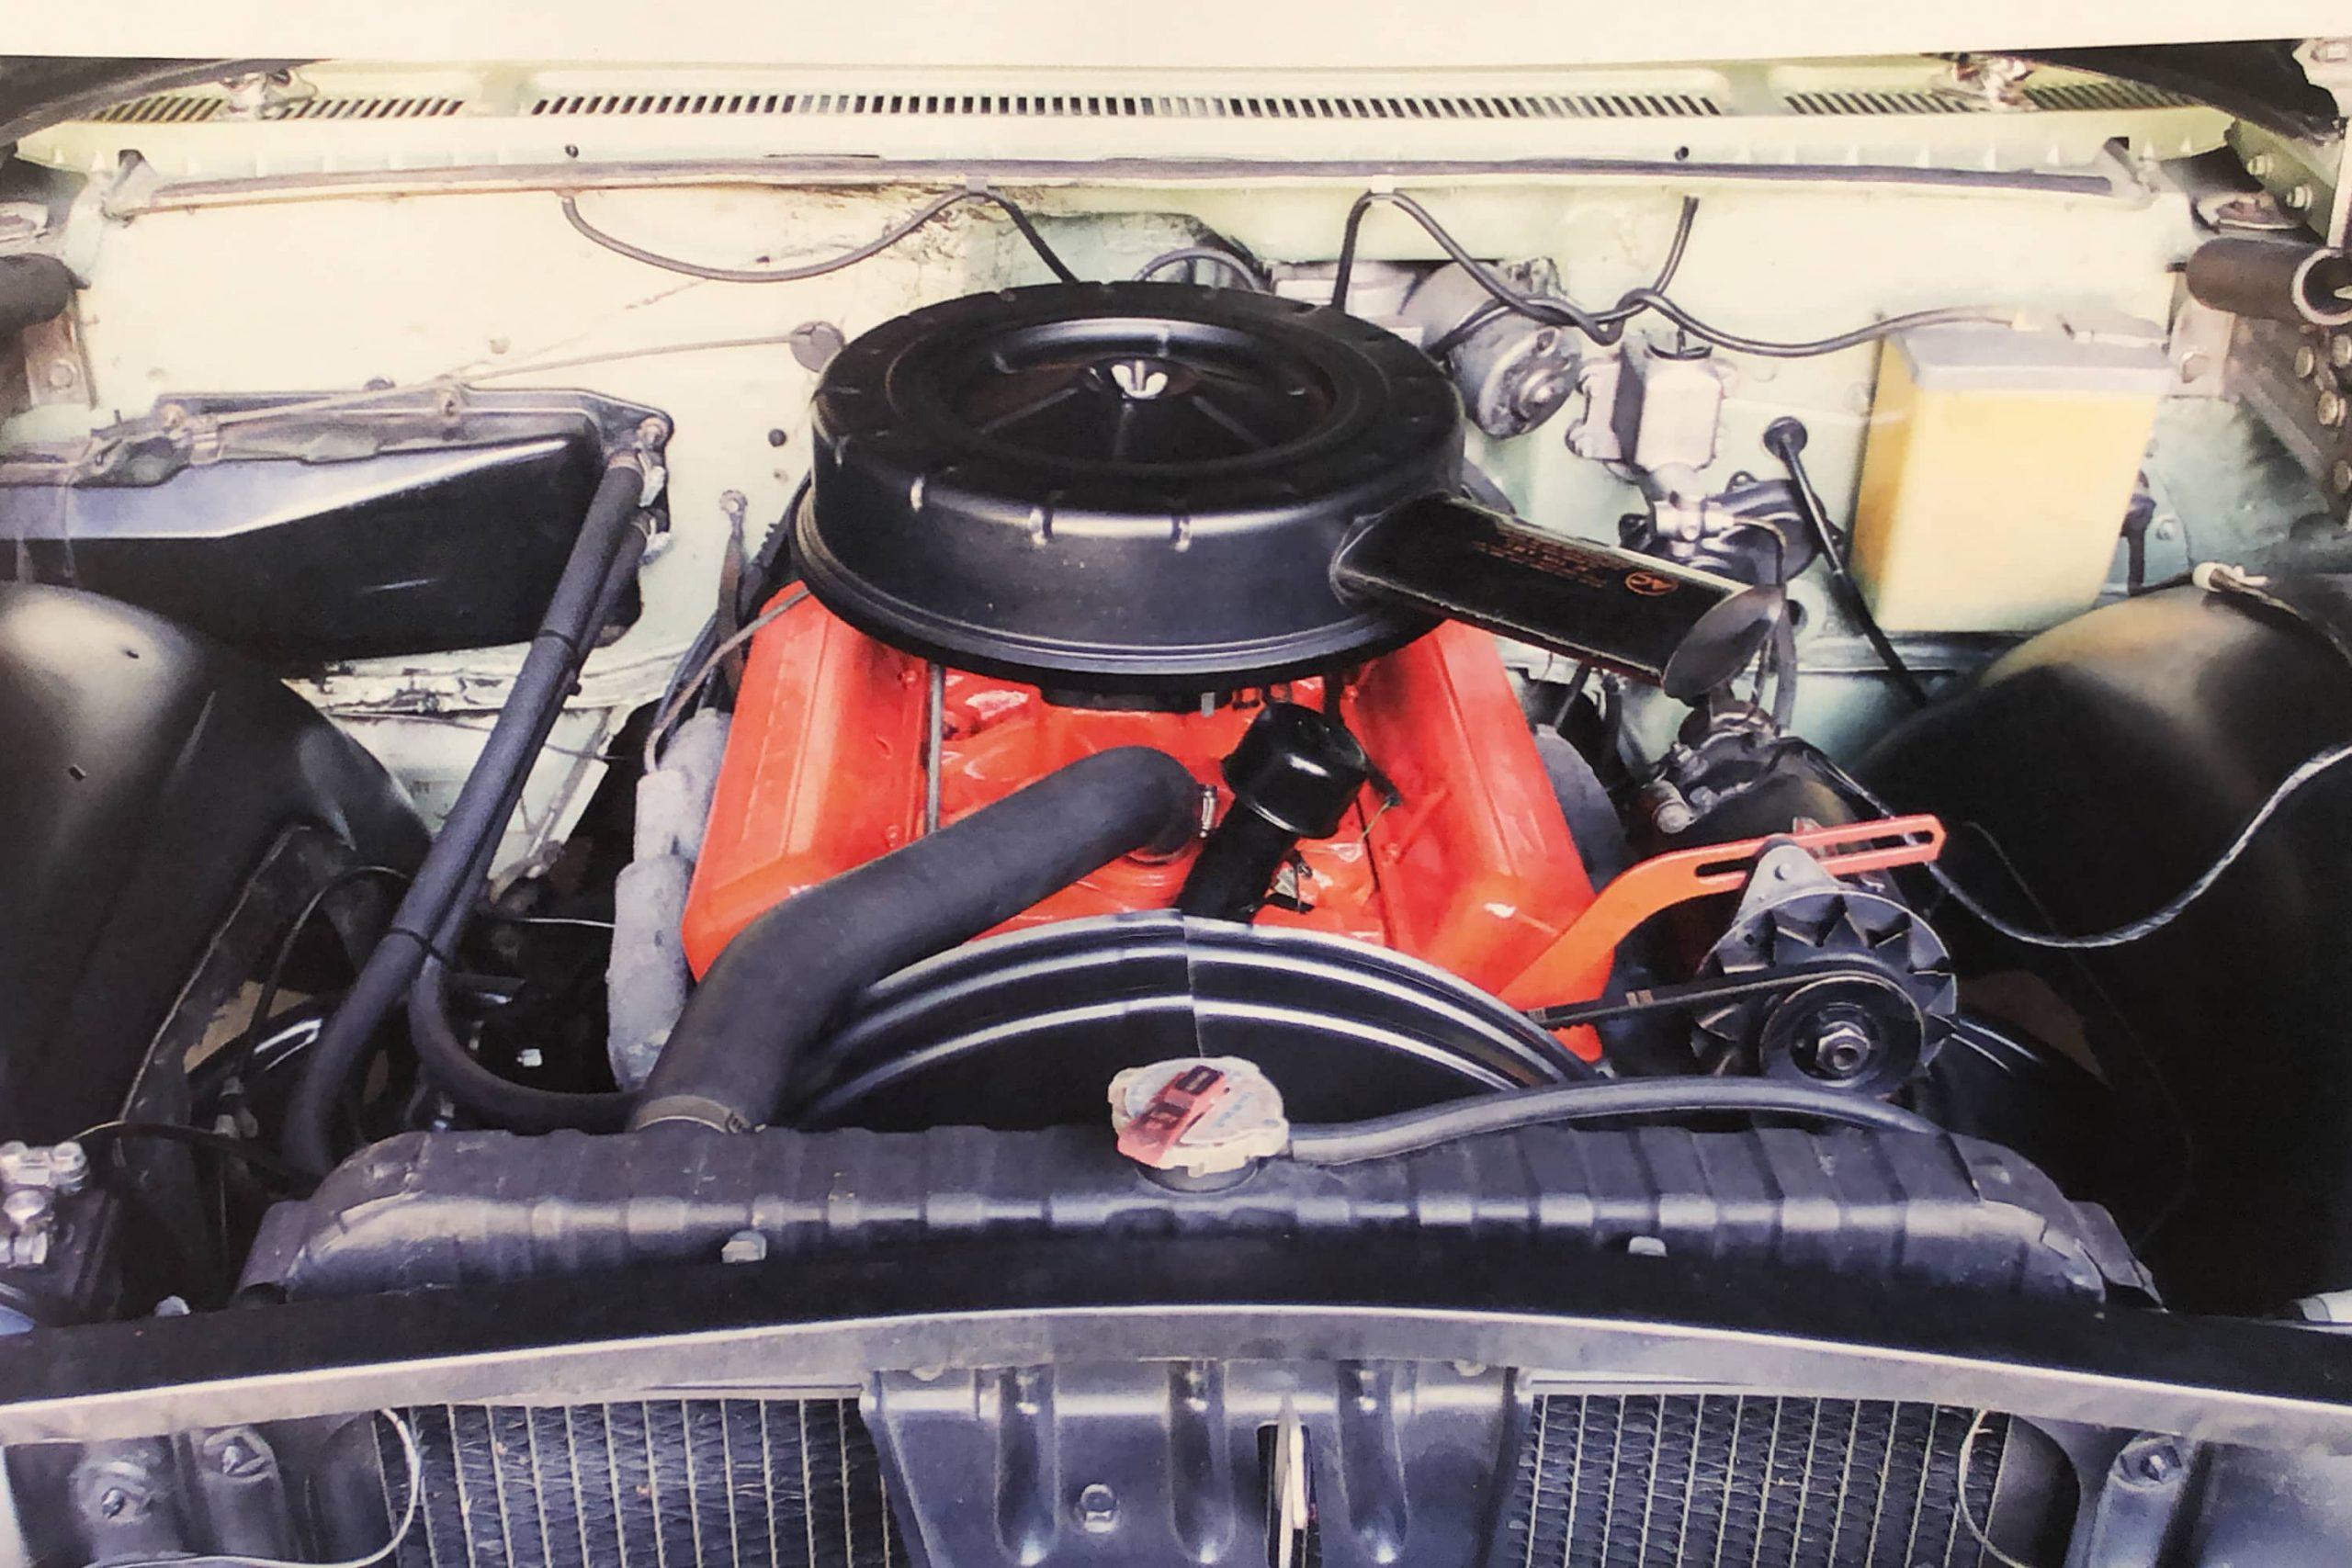 G&D Magazine 1960 Chevy Impala Restoration Engine Bay